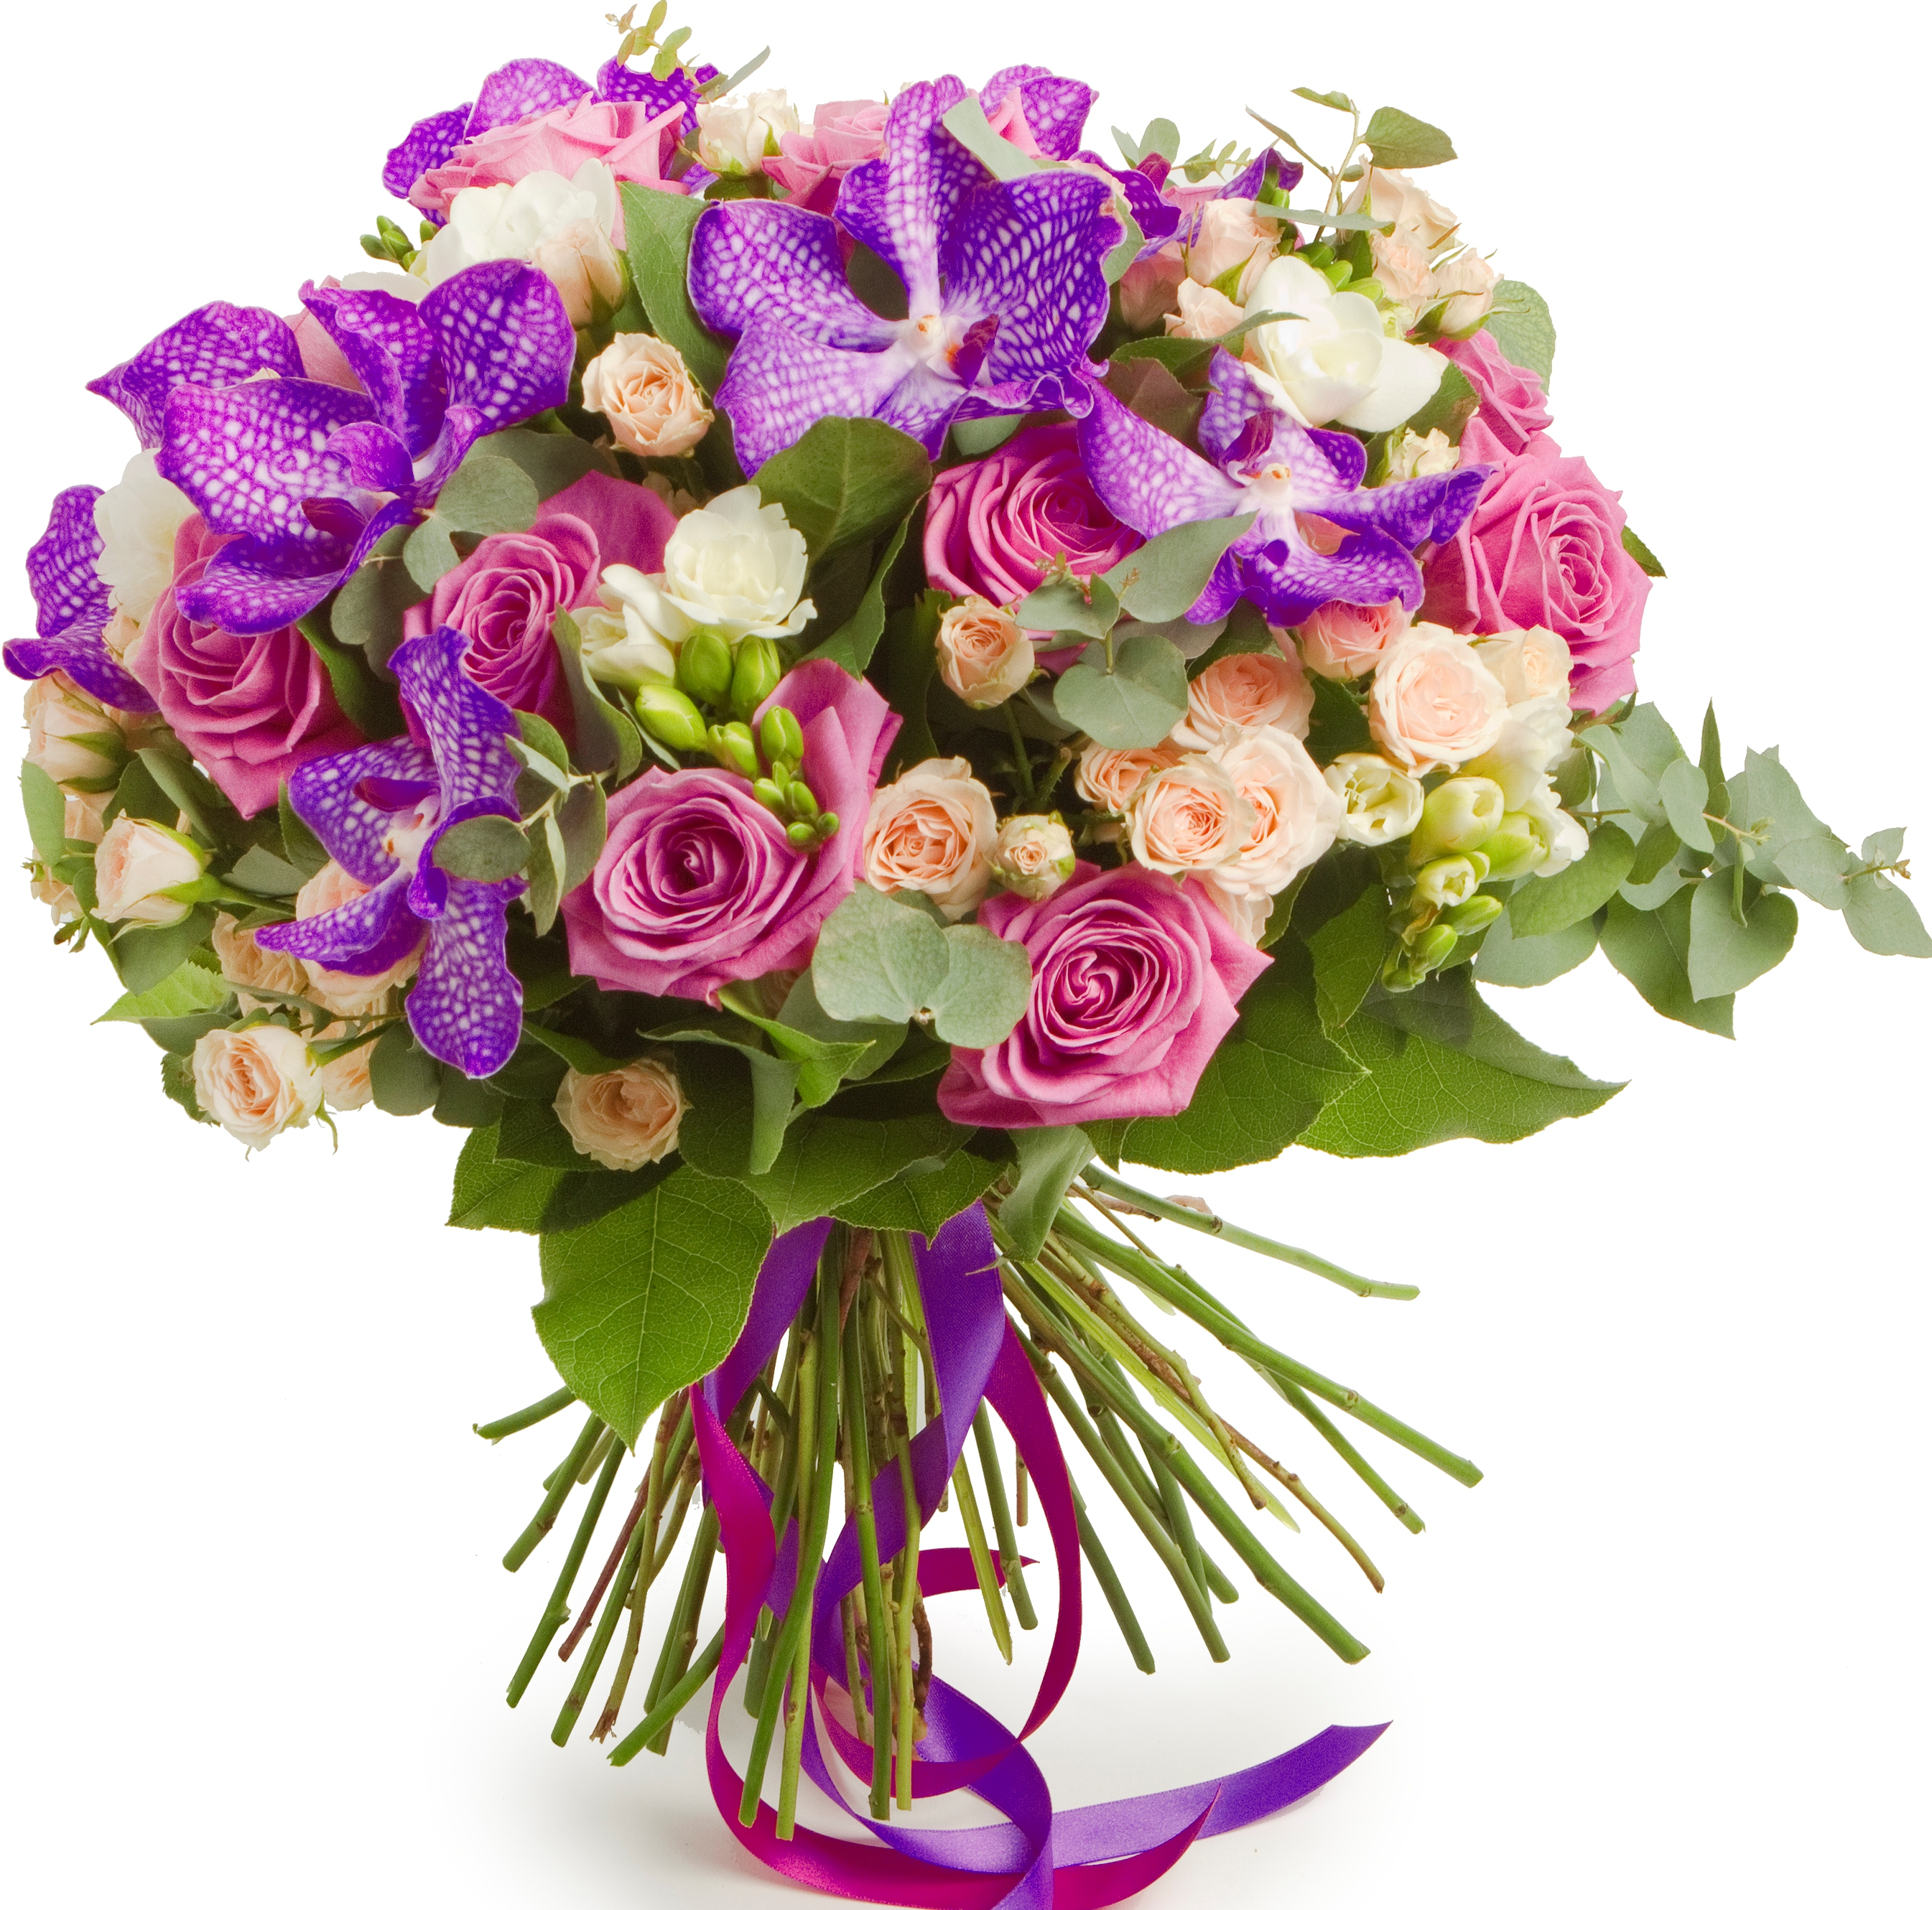 Авторский букет цветов Пандора